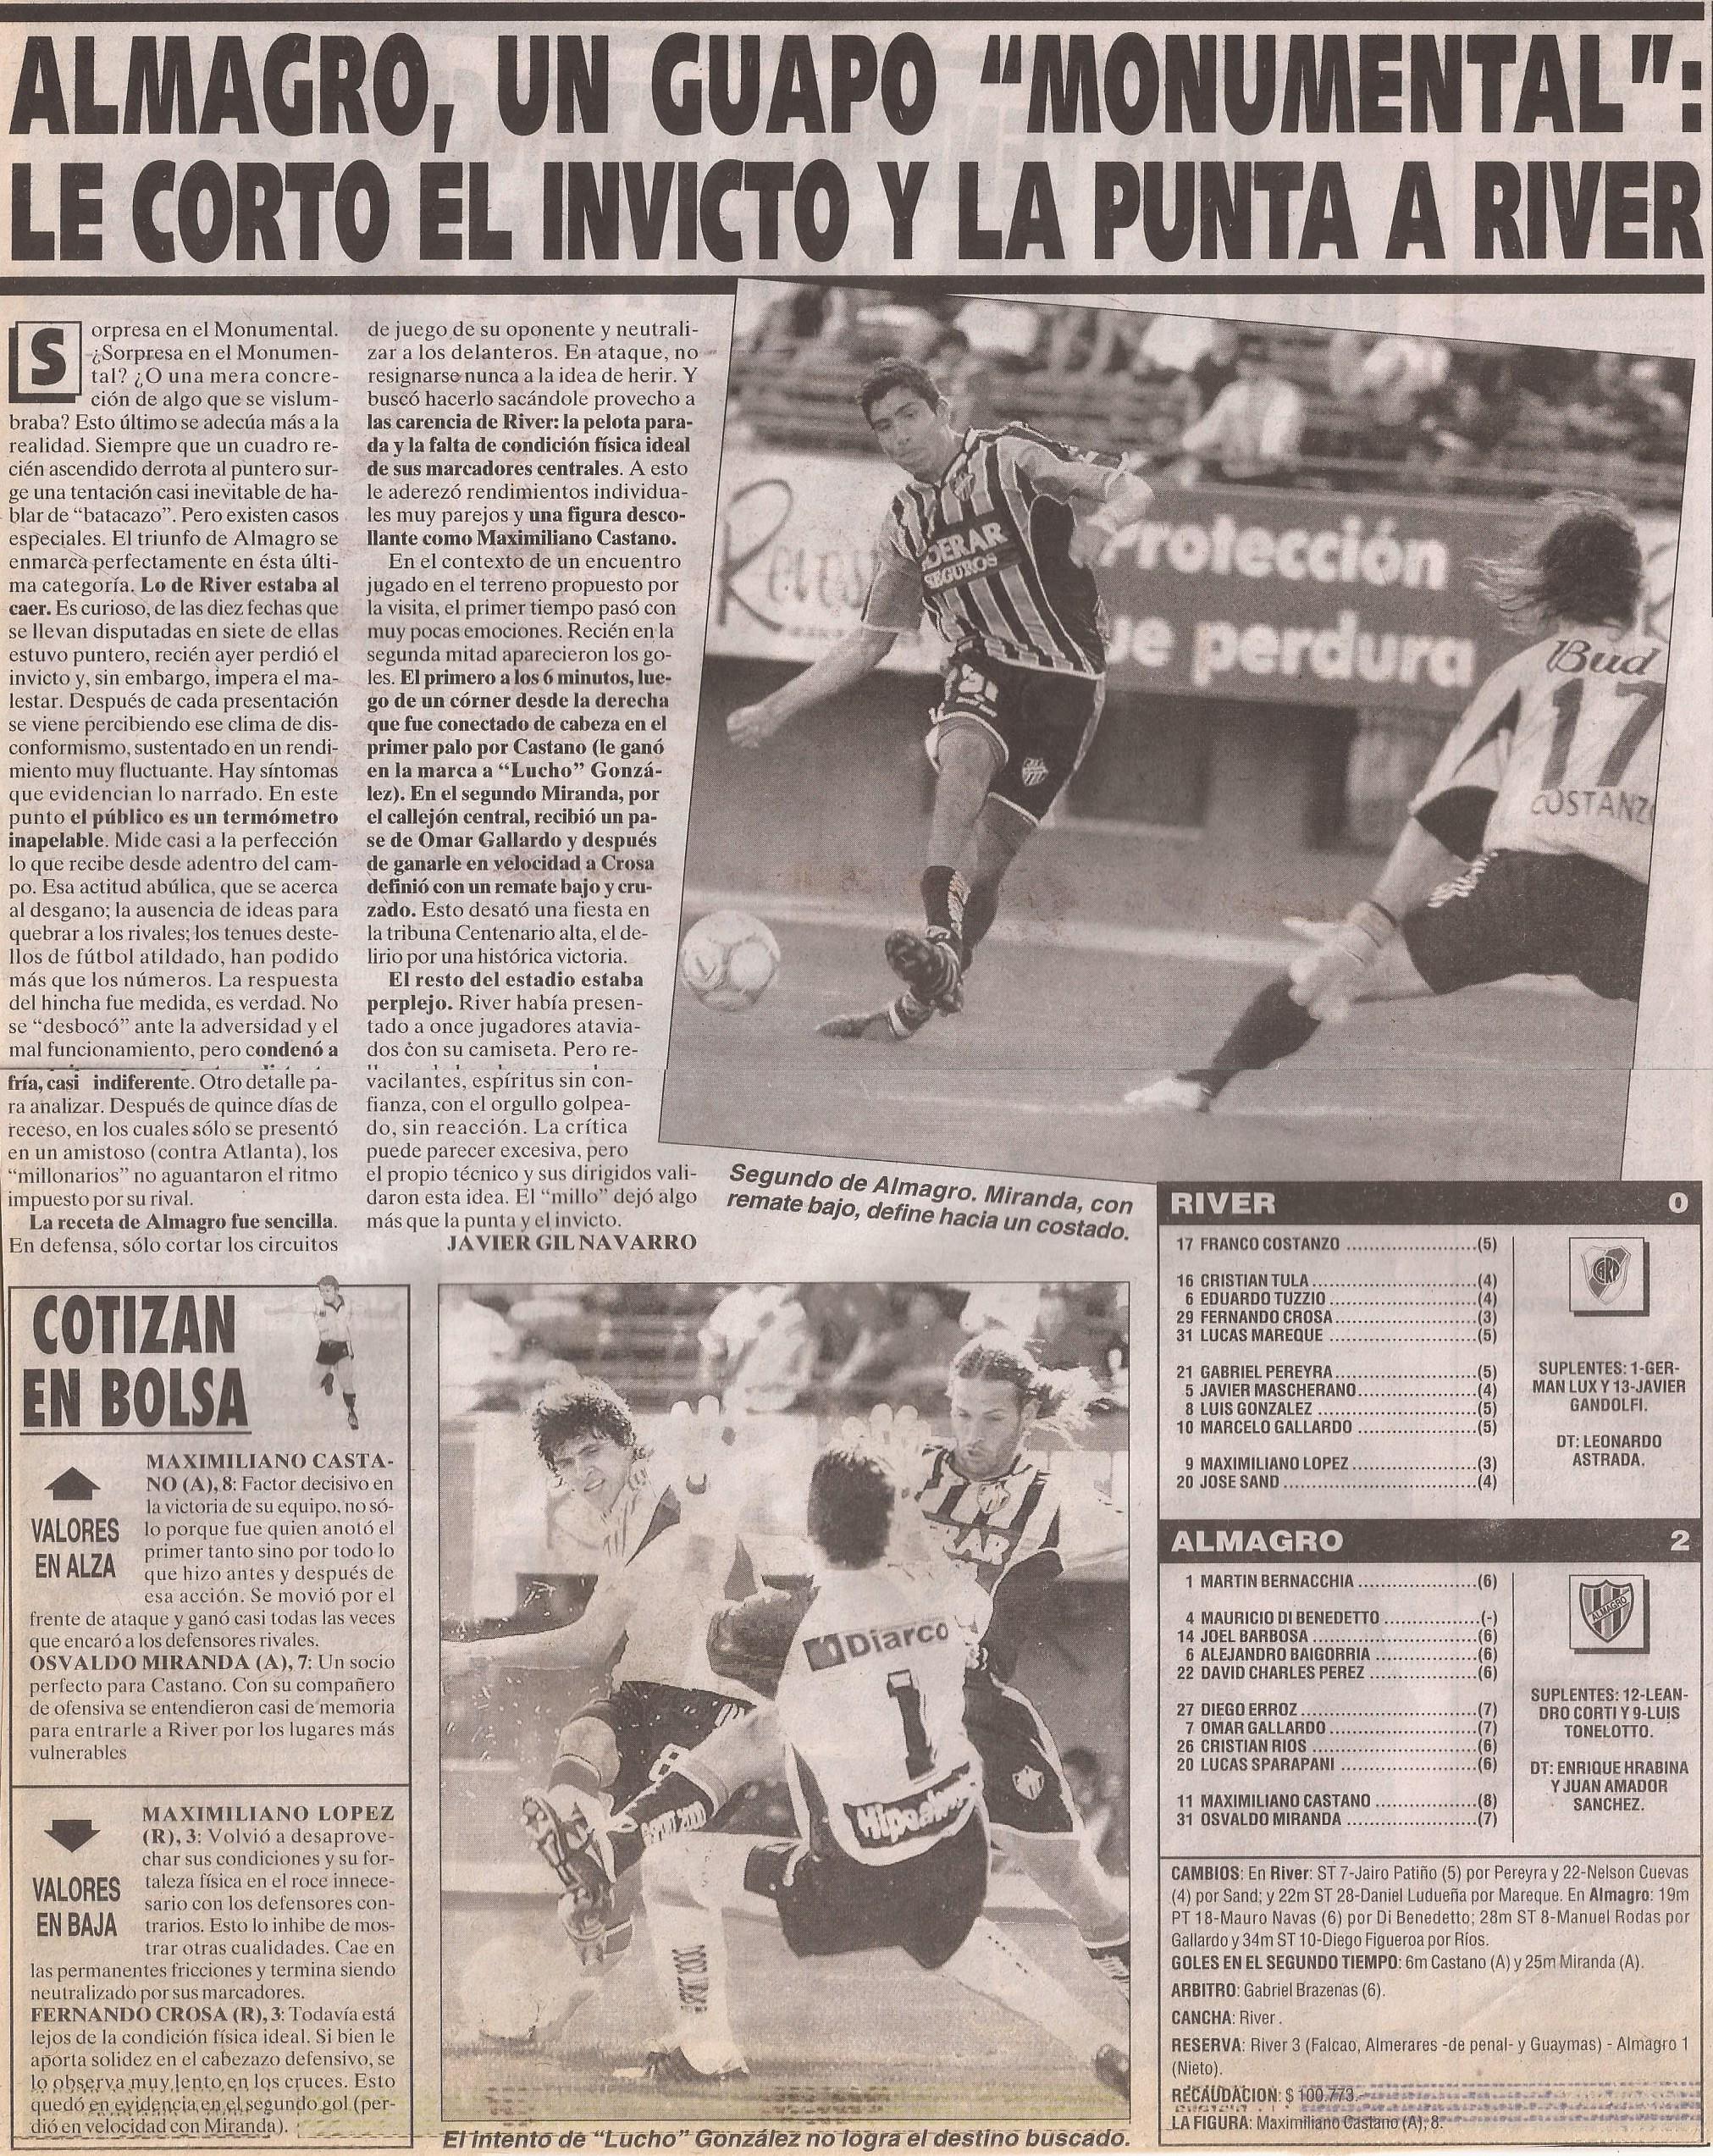 2004-05 Primera Division - River Plate vs Almagro - ficha - Diario Cronica